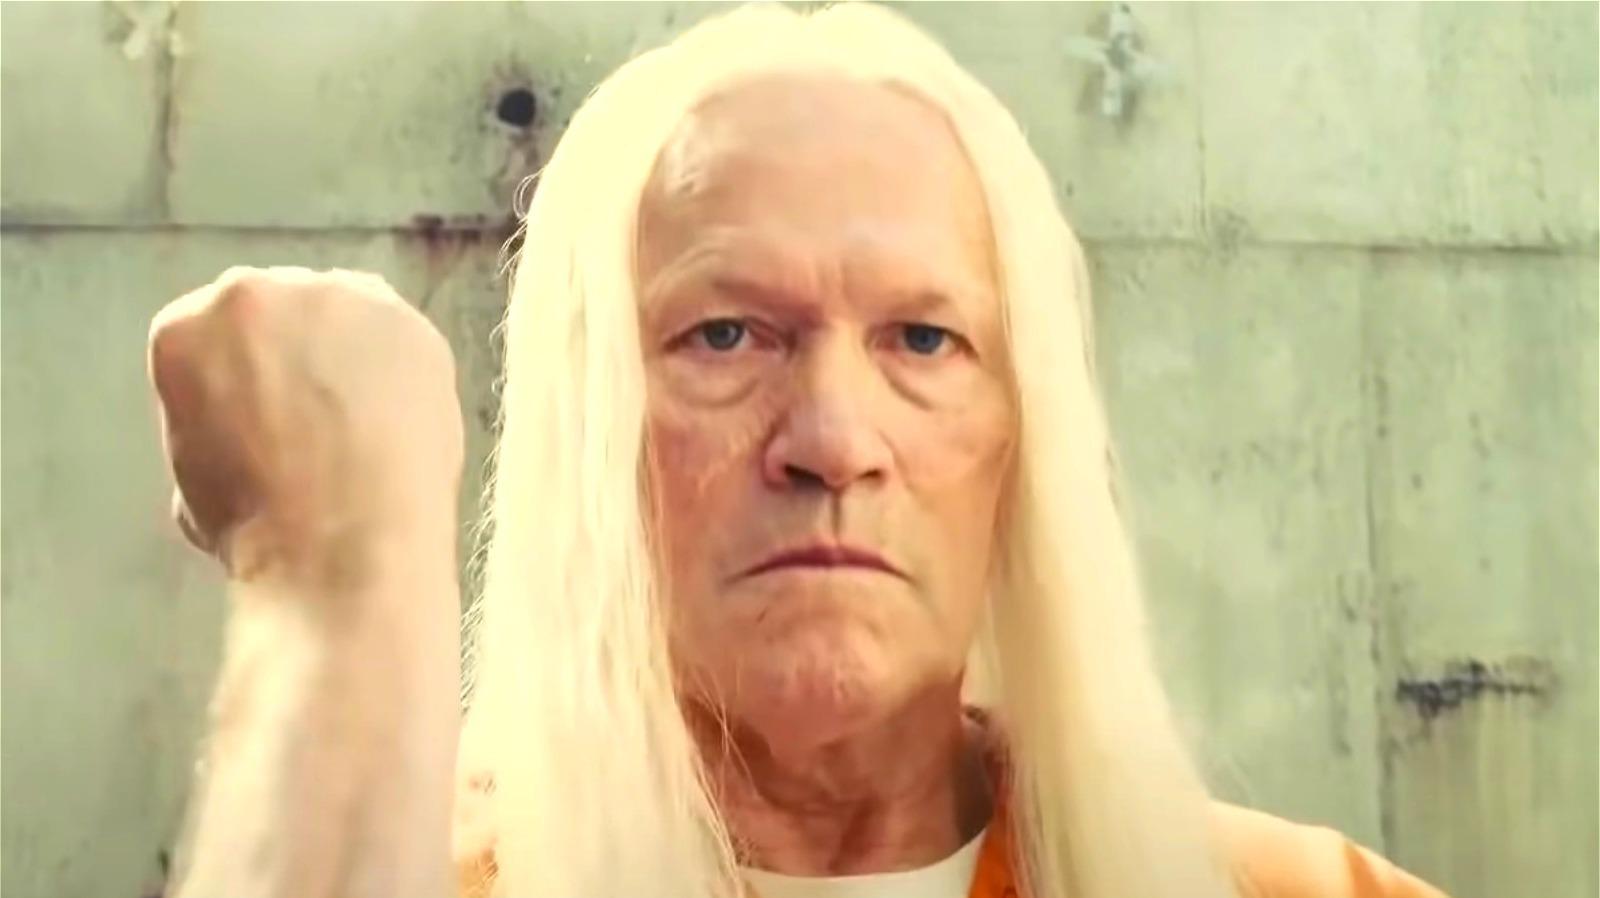 """Sekwencji otwierającej towarzyszy utwór """"Folsom Prison Blues"""" Johnny'ego Casha. Co ciekawe, legendarny muzyk napisał słowa tej piosenki po zobaczeniu telewizyjnego dokumentu o słynnym więzieniu Folsom położonym w stanie Kalifornia – James Gunn przyznał, że dzięki wykorzystaniu tego utworu chciał zbudować analogię do więzienia Belle Reve, w którym przetrzymywani są członkowie Suicide Squad."""